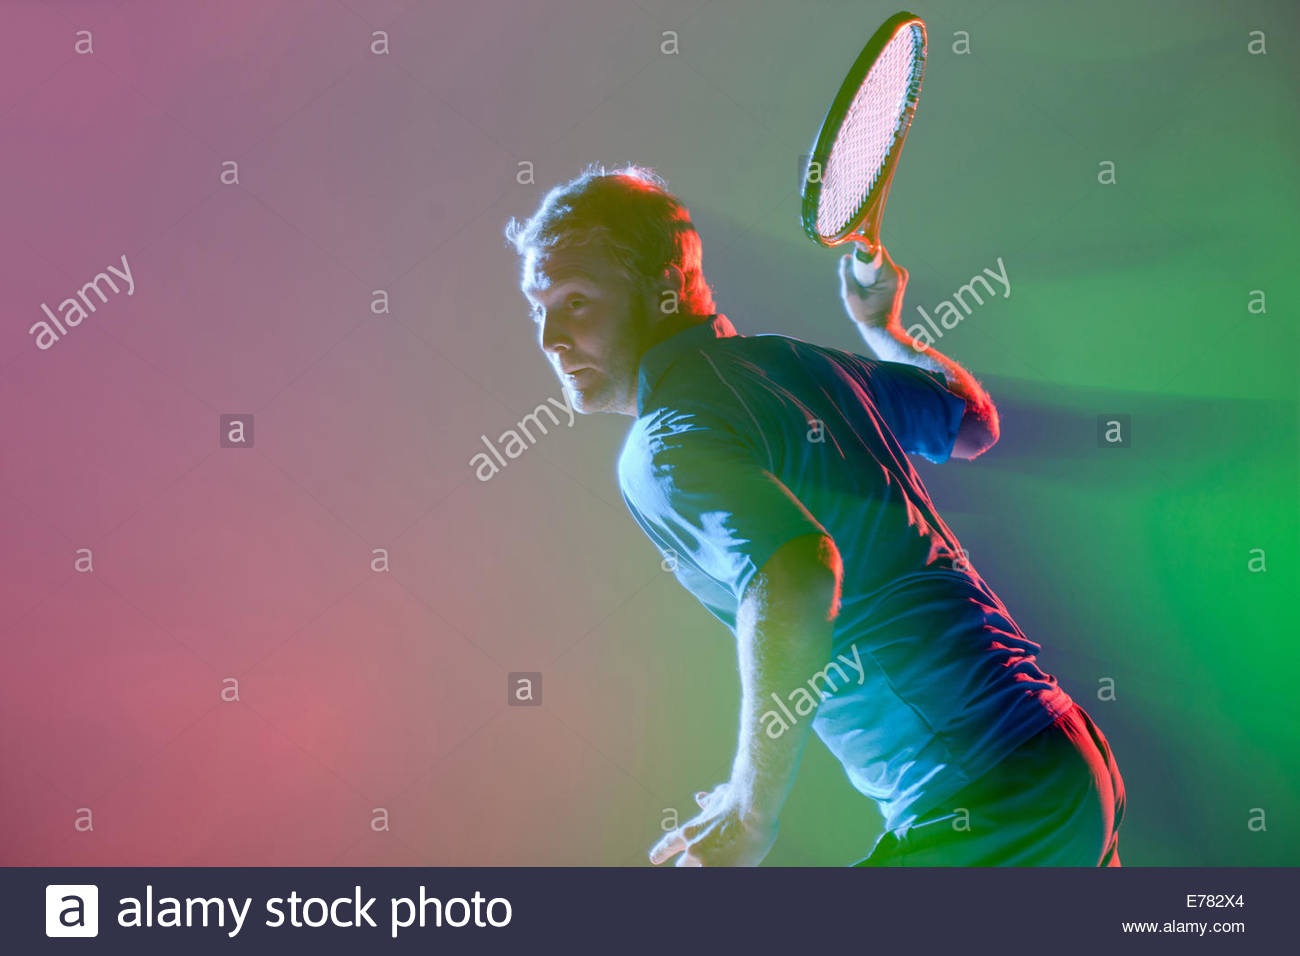 Giocatore di tennis Racchetta oscillante Immagini Stock